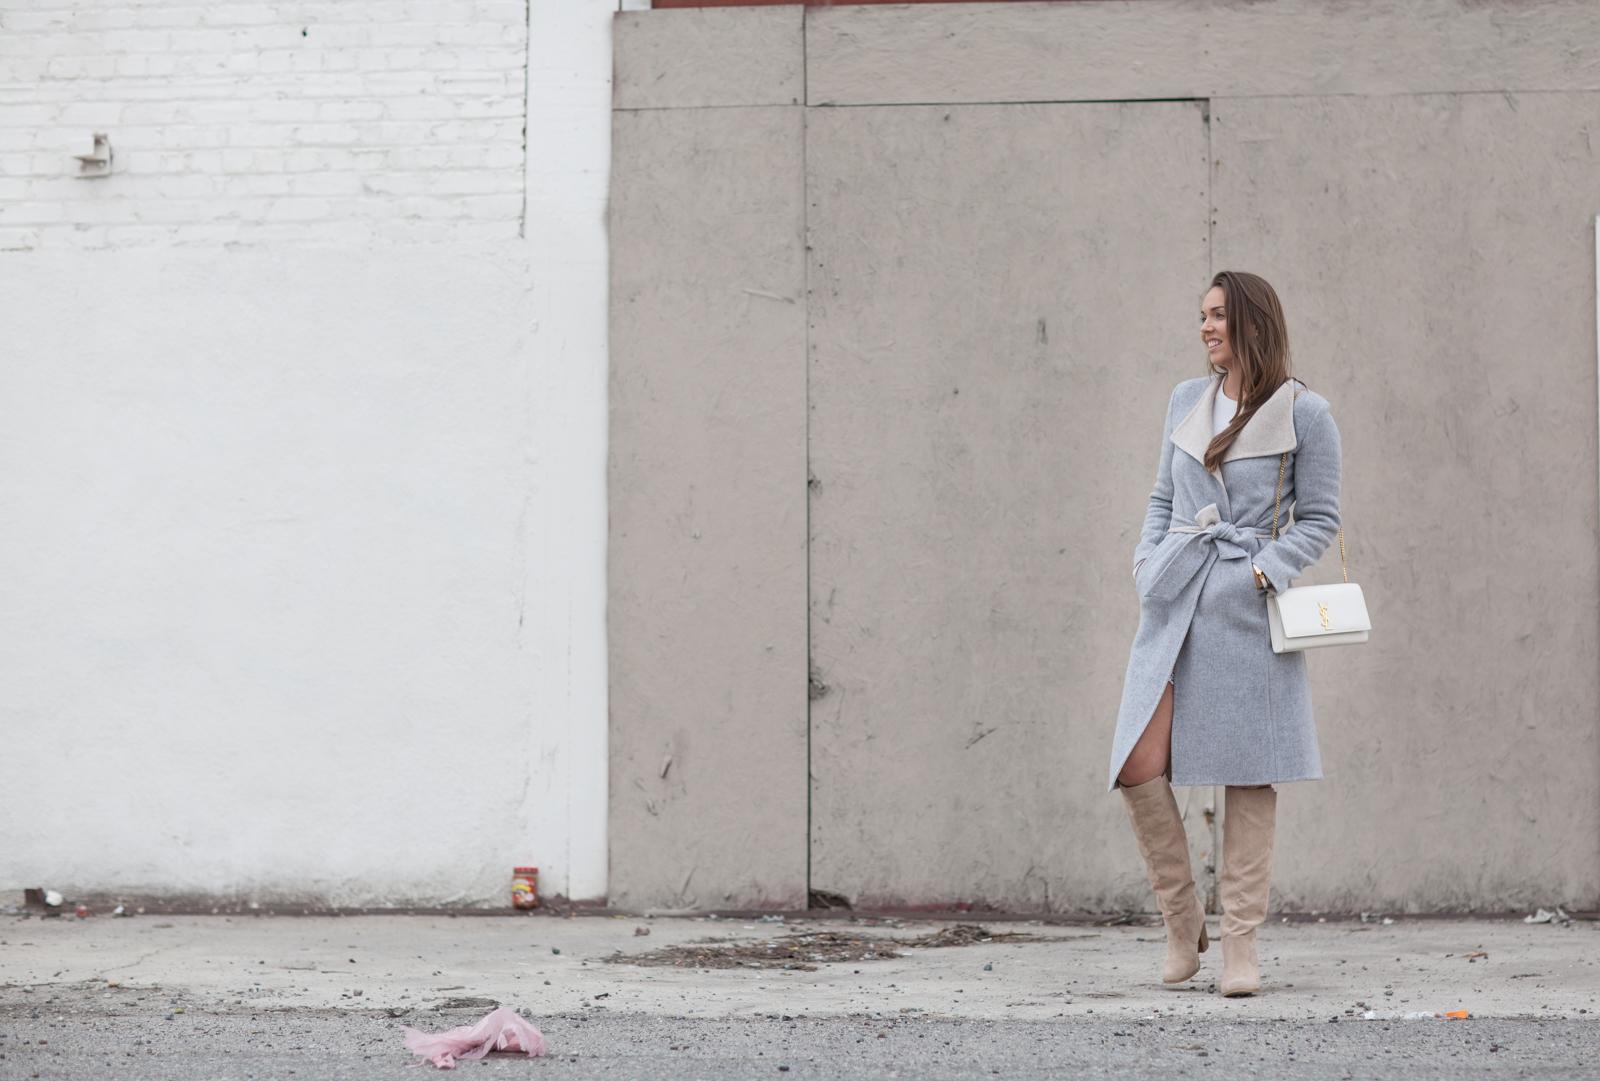 harmaa takki pitsisortsit valkoinen paita lon beach-5509